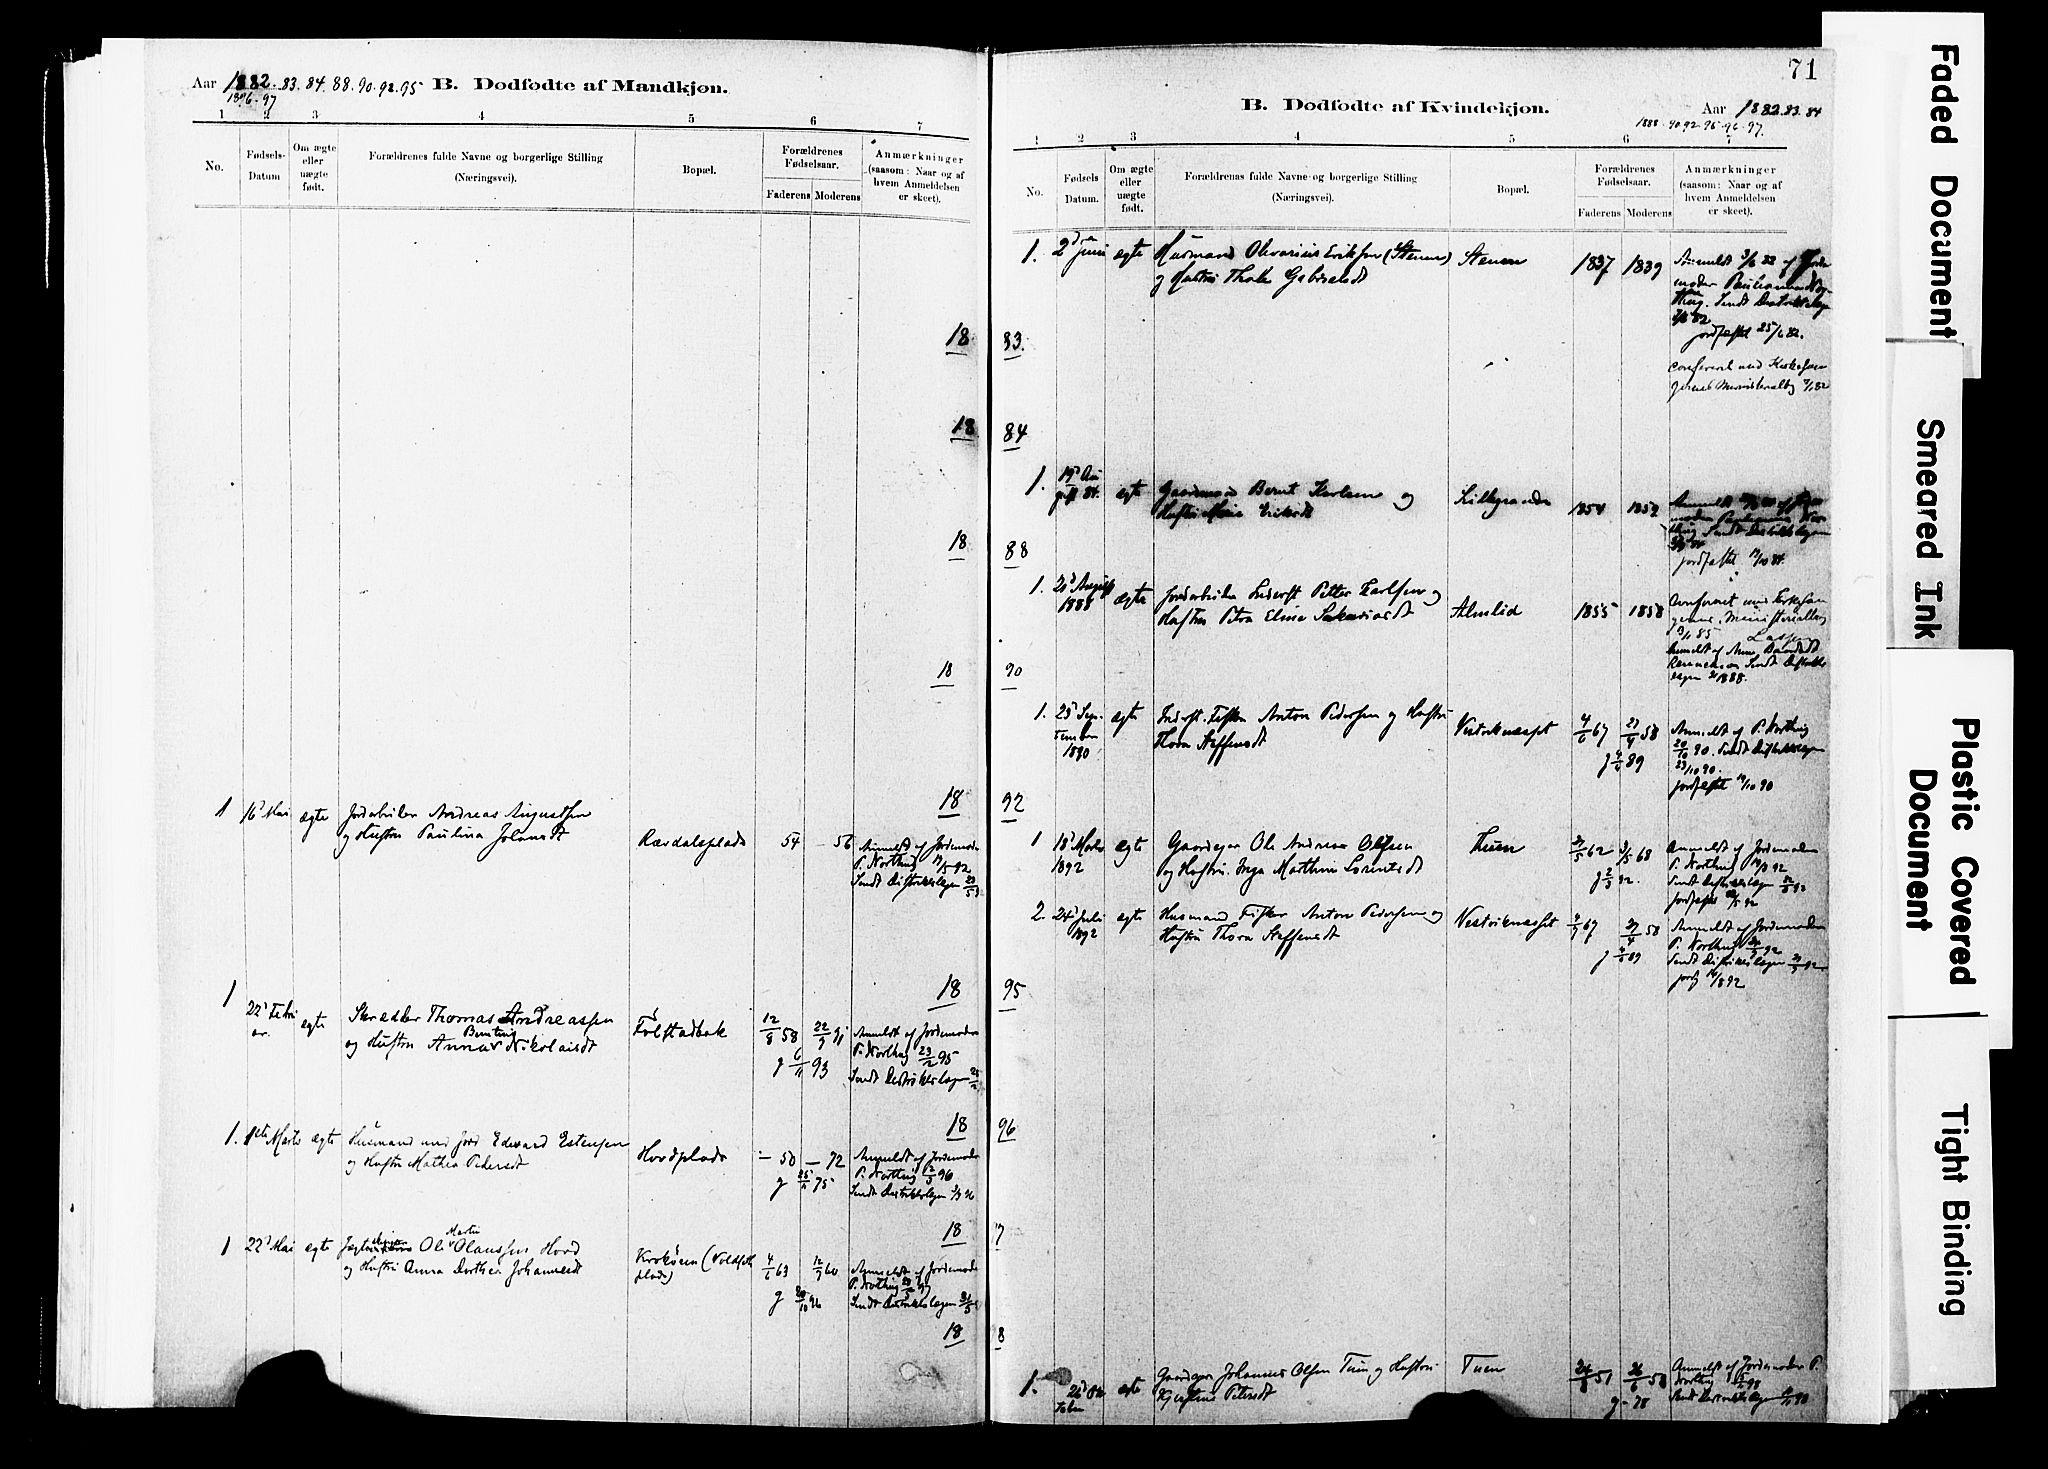 SAT, Ministerialprotokoller, klokkerbøker og fødselsregistre - Nord-Trøndelag, 744/L0420: Ministerialbok nr. 744A04, 1882-1904, s. 71